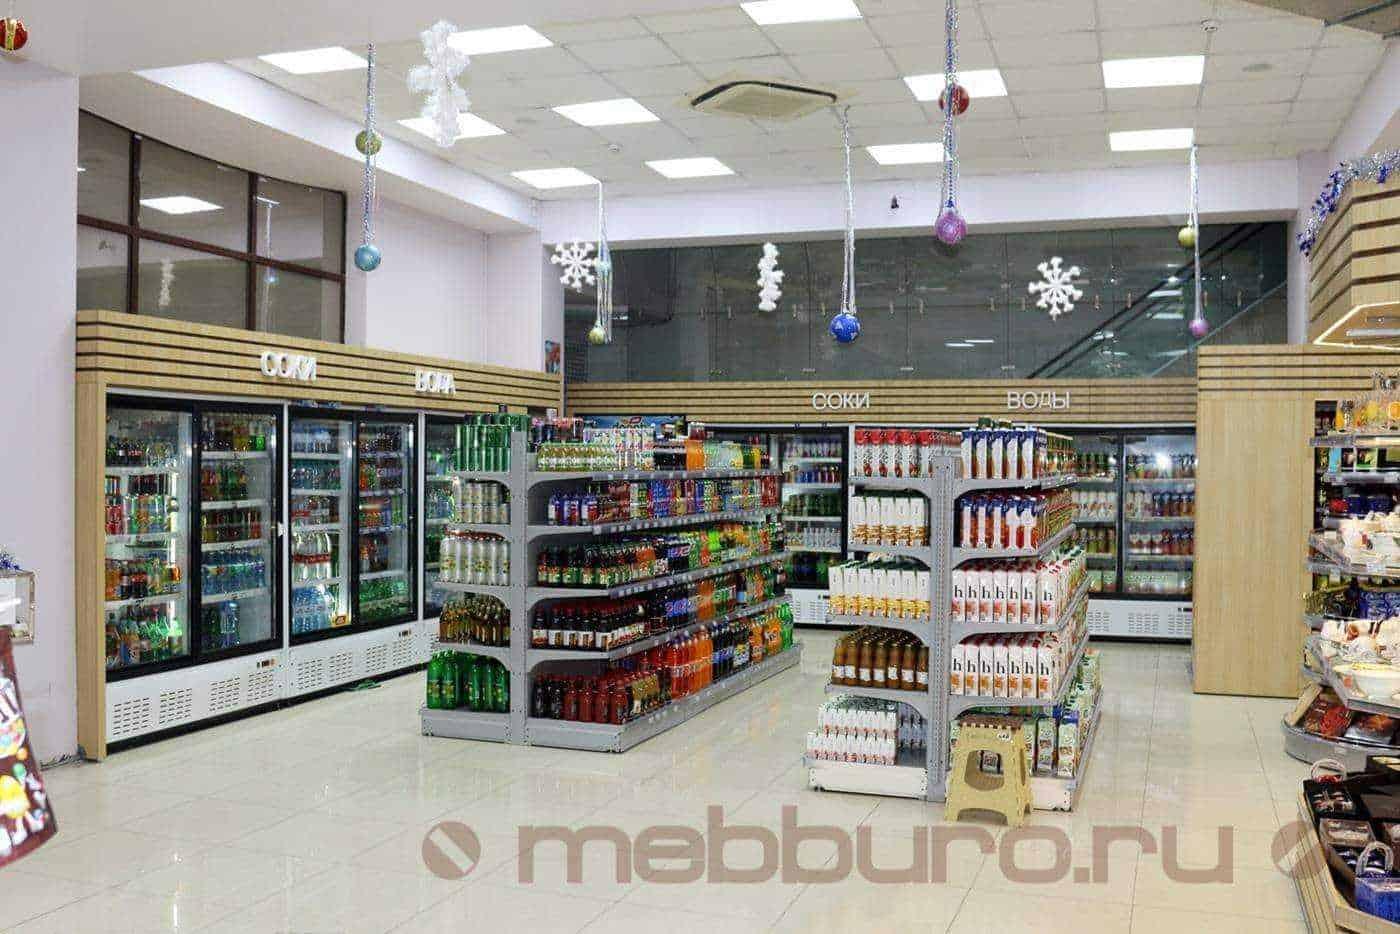 Что делалось: произведен апгрейд холодильных витрин, создание декоративного фриза с буквами, боковин. Объединение всех холодильных витрин в одну концепцию.